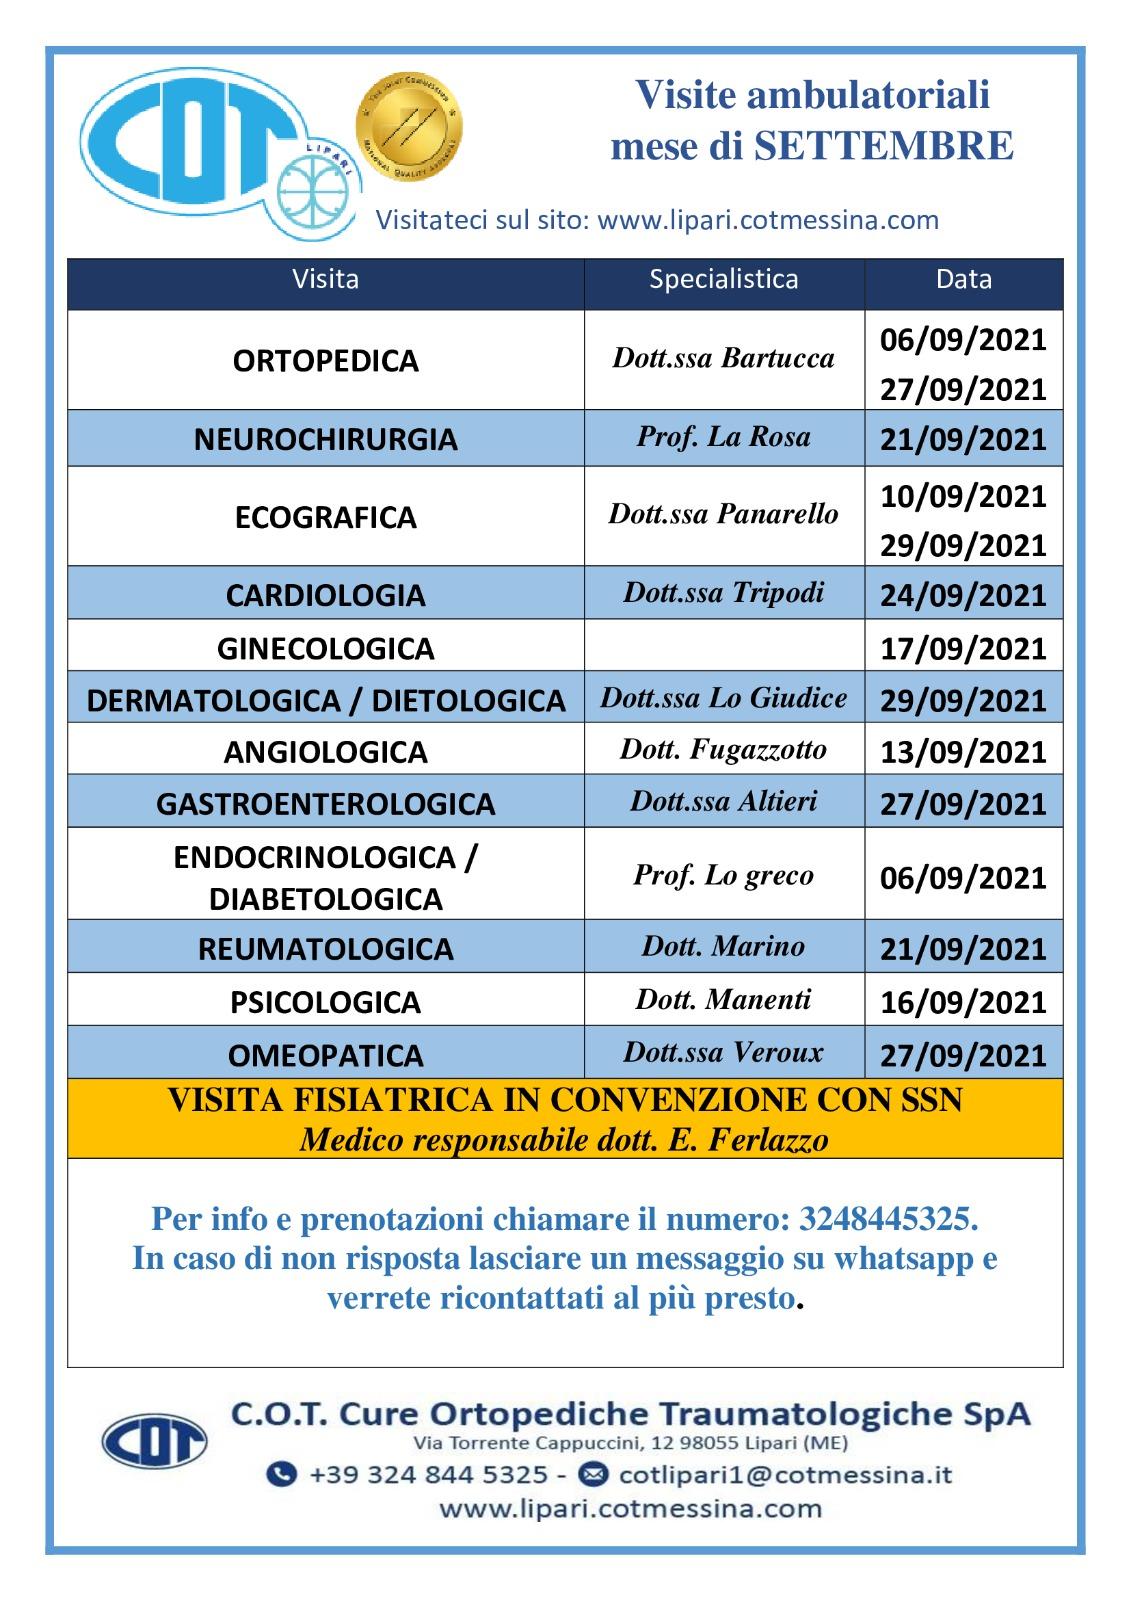 COT Lipari : Idrokinesiterapia, visite ambulatoriali di settembre